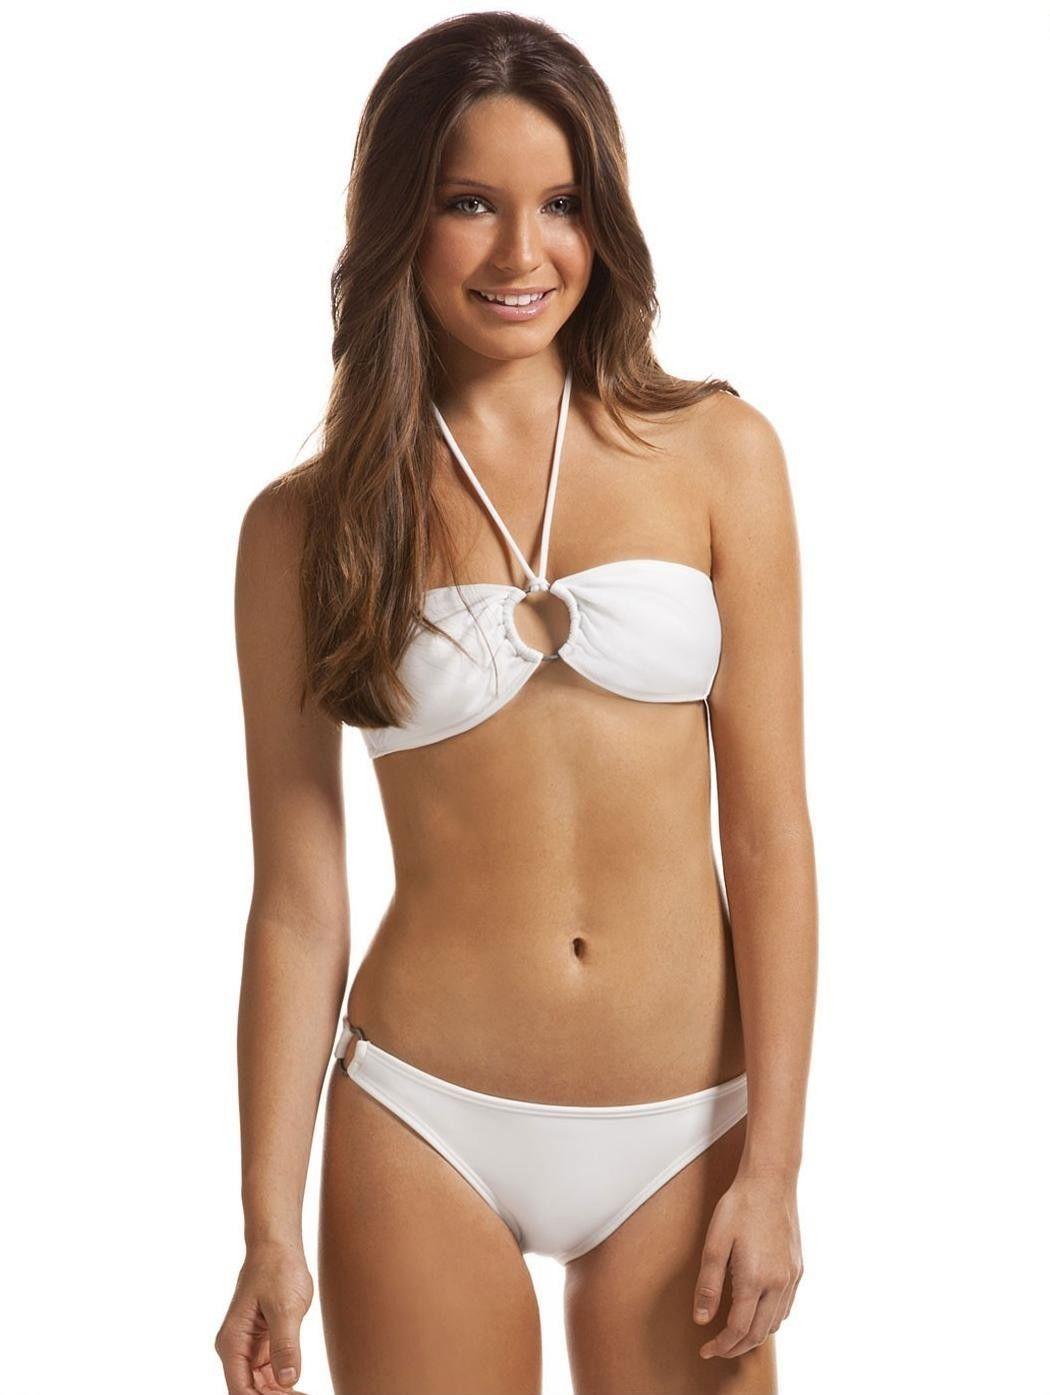 Island company bikini